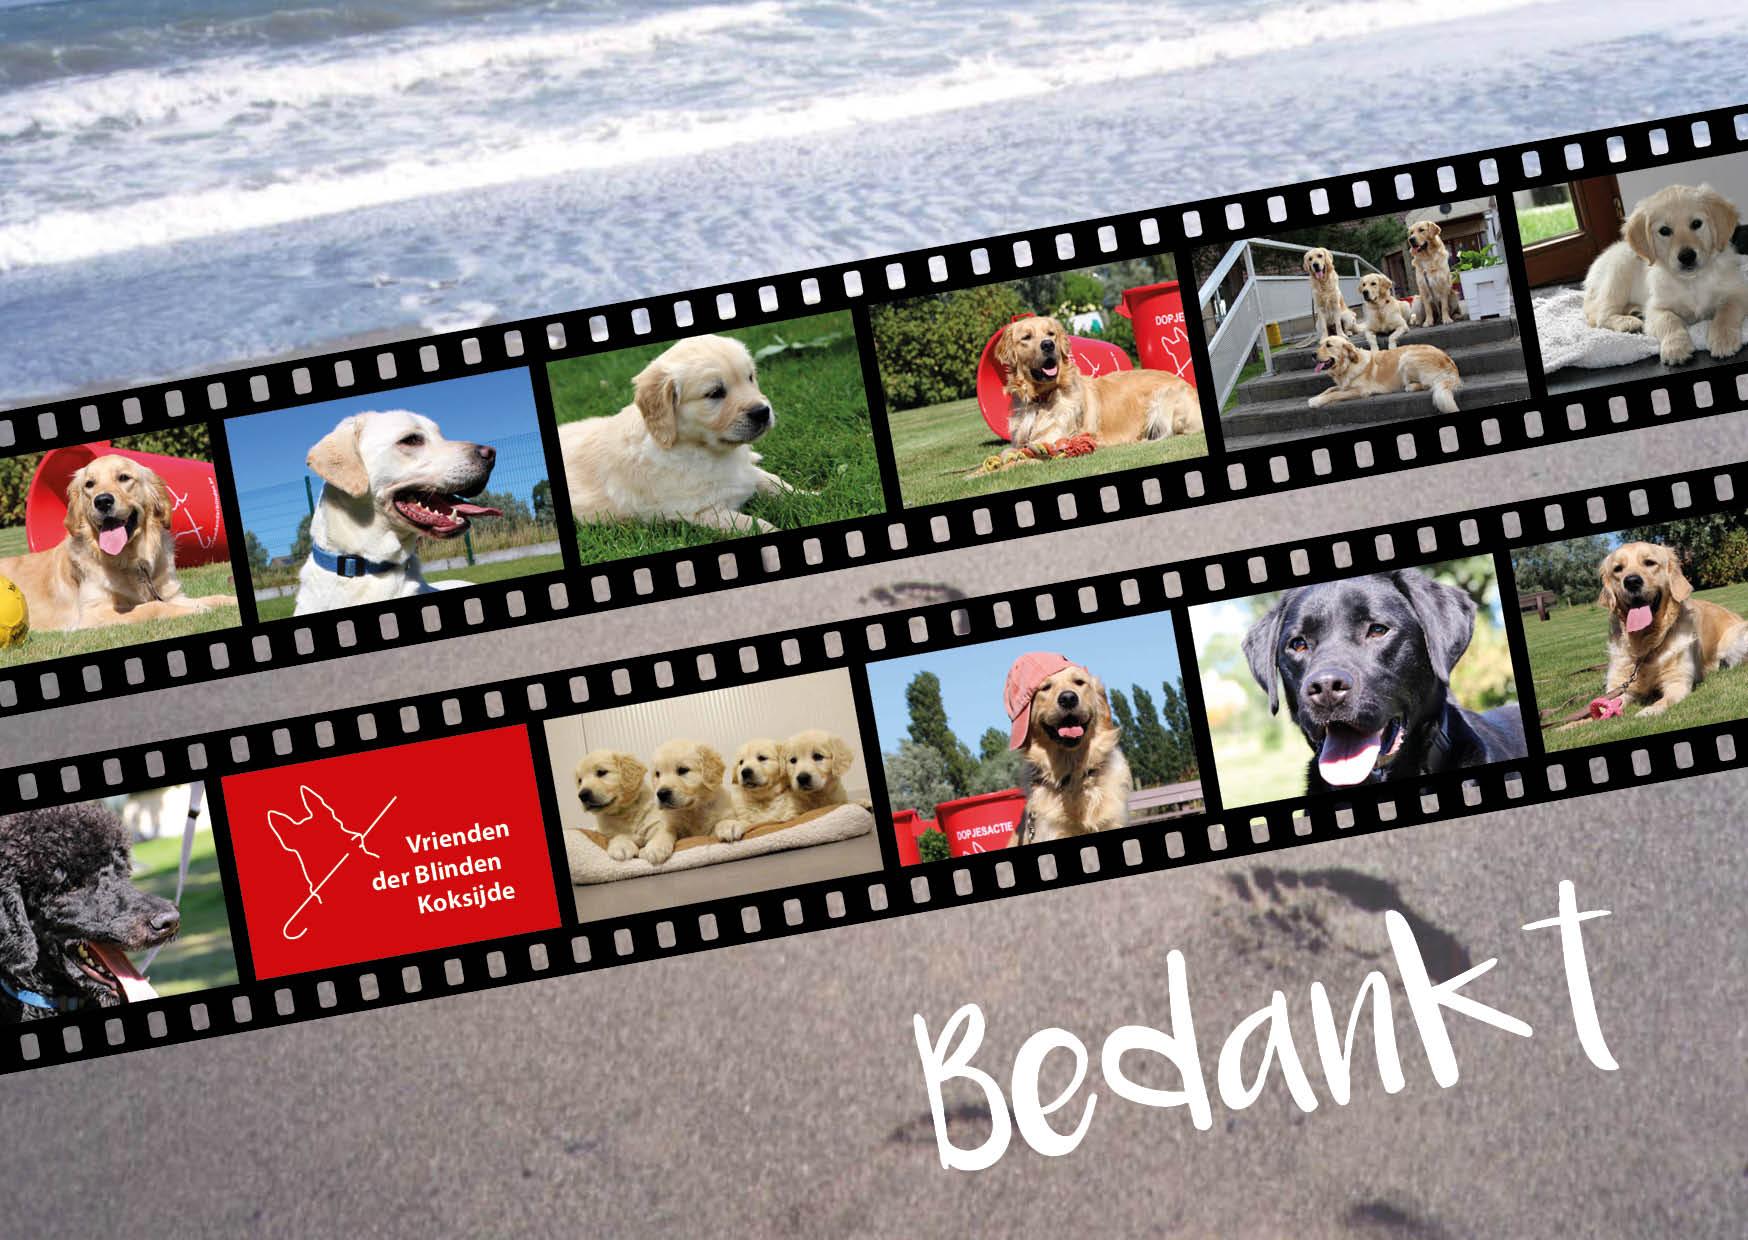 Bedankingskaart Vrienden der Blinden